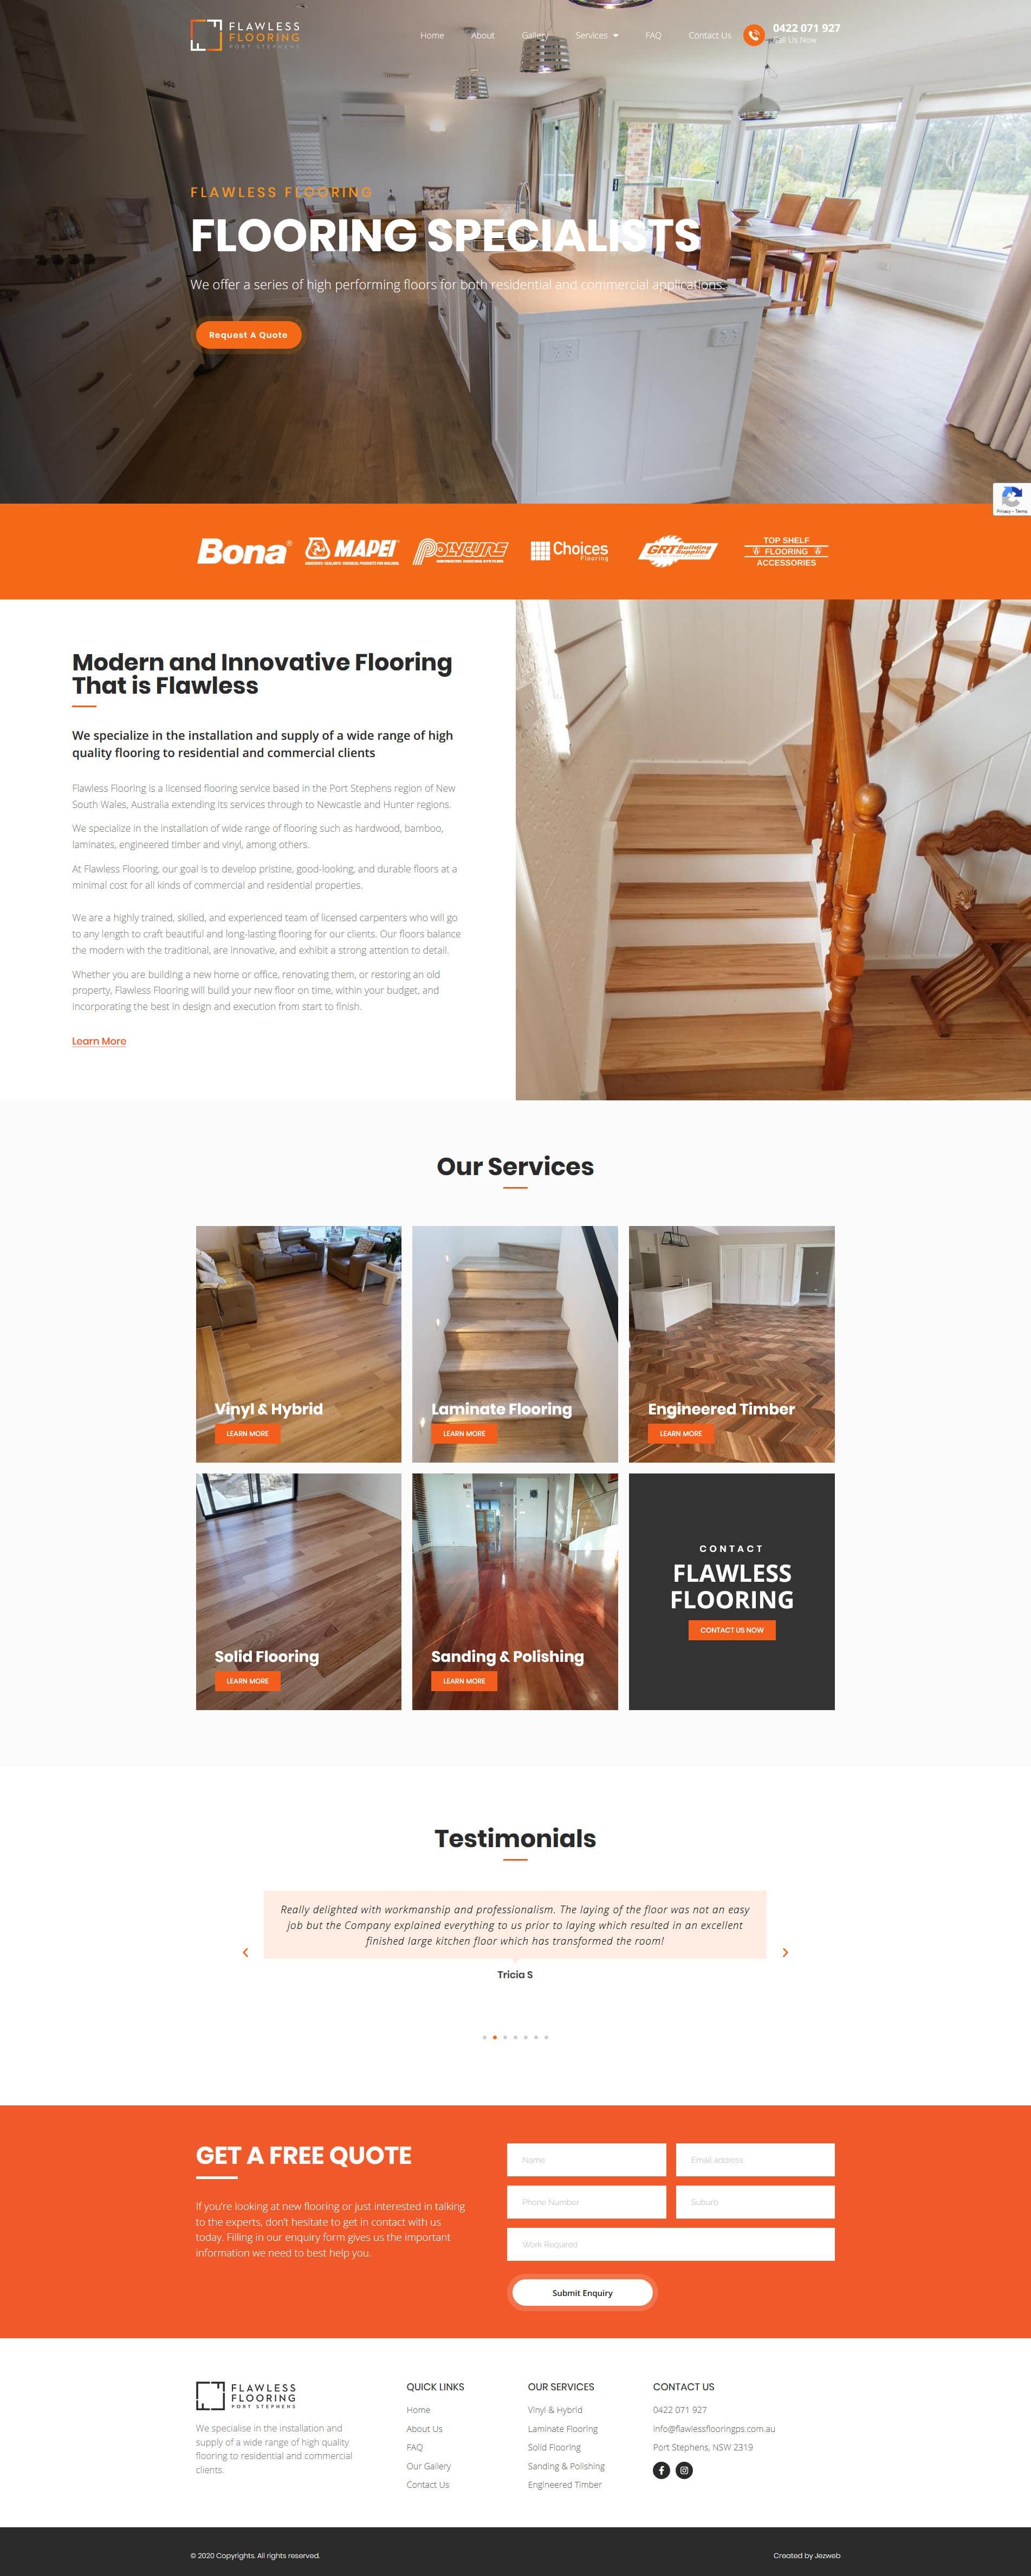 Flawless Flooring Port Stephens -